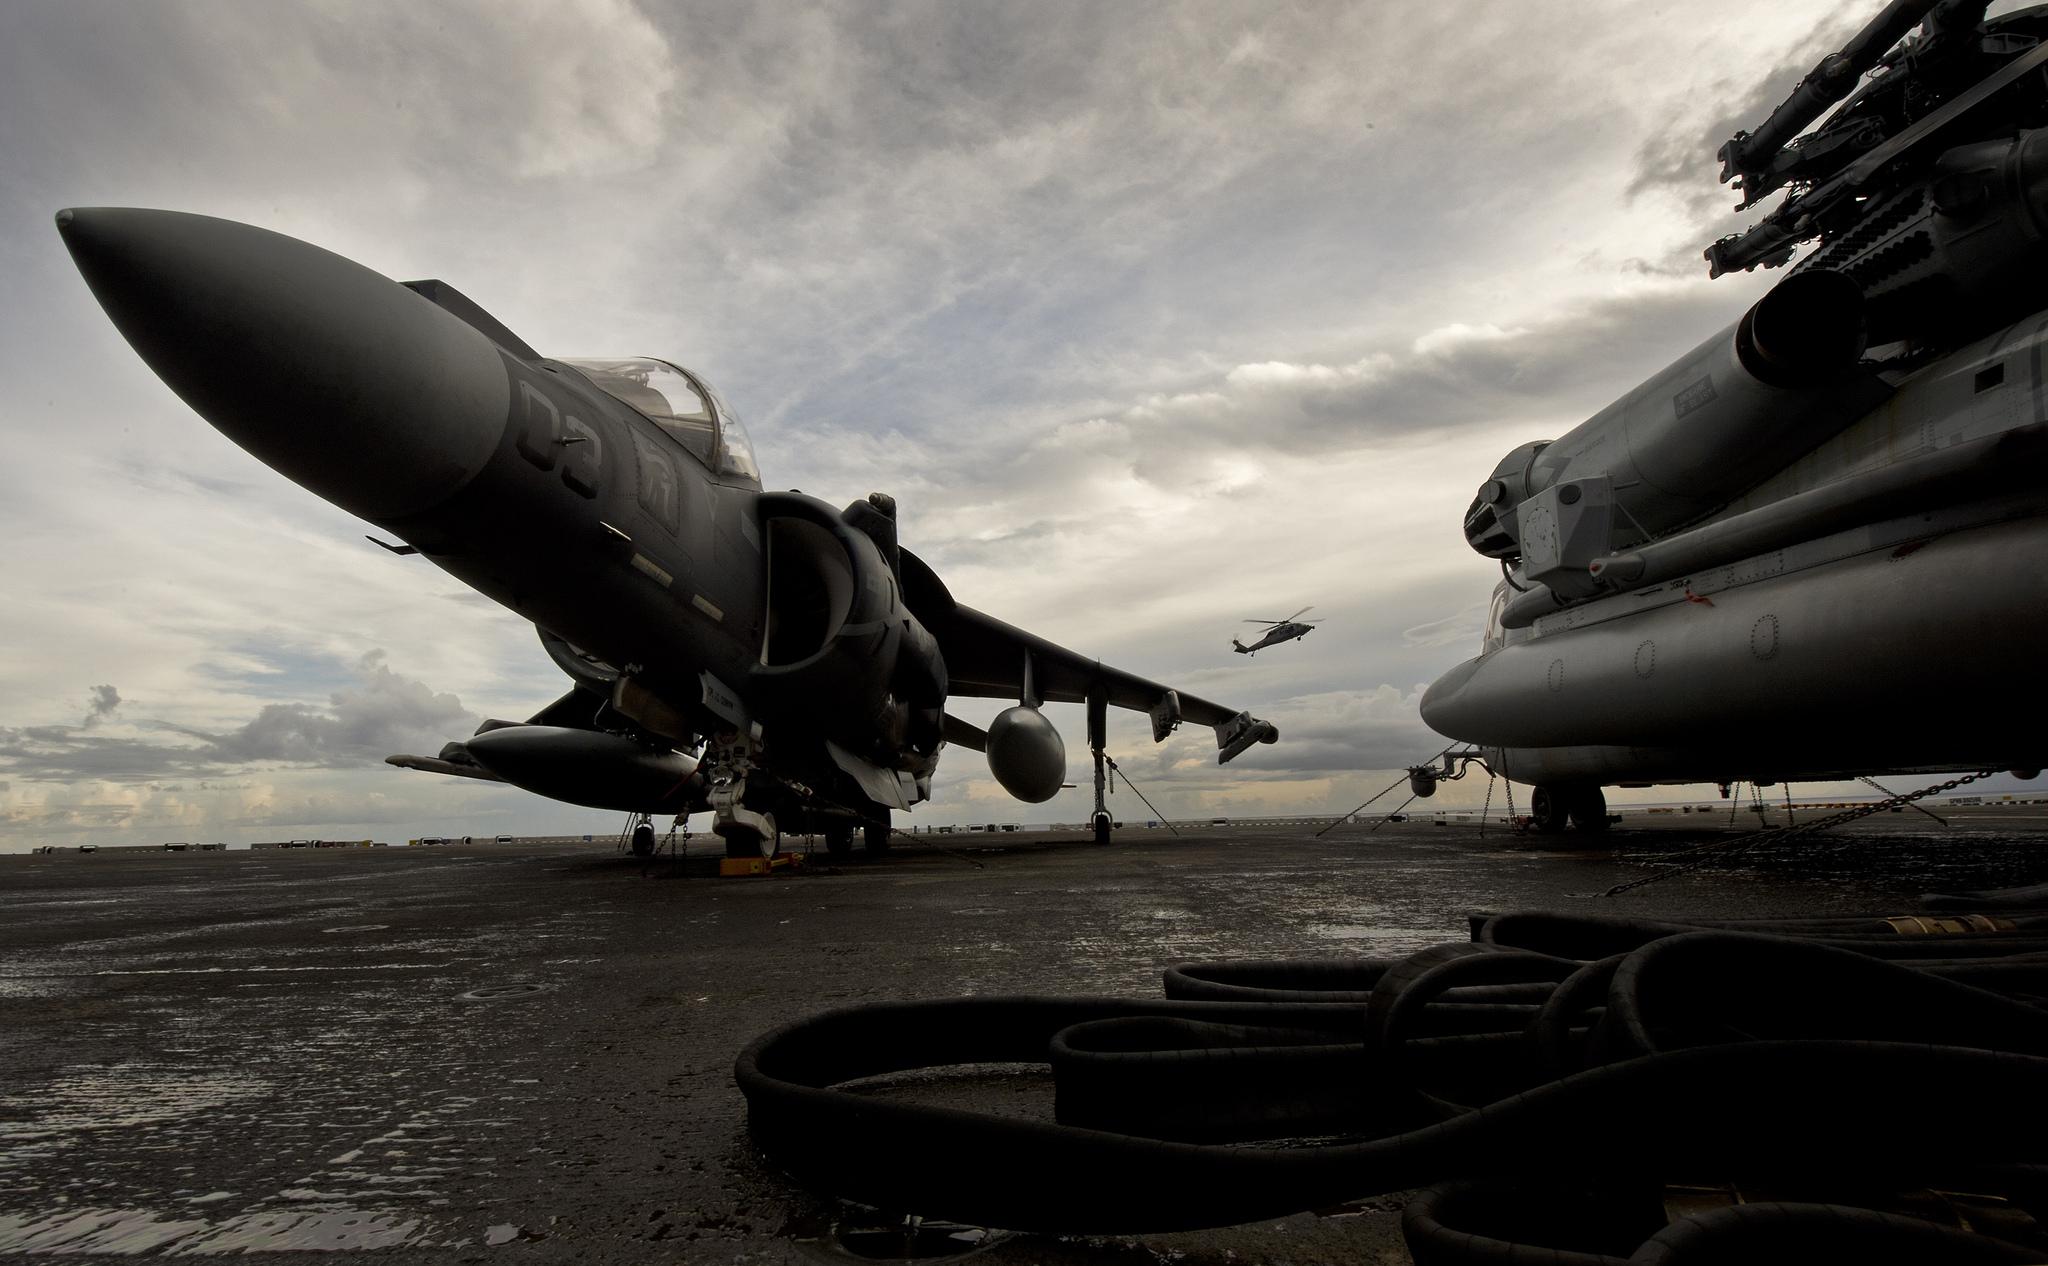 Des secrets de la marine américaine volés: les failles des sous-traitants de la défense